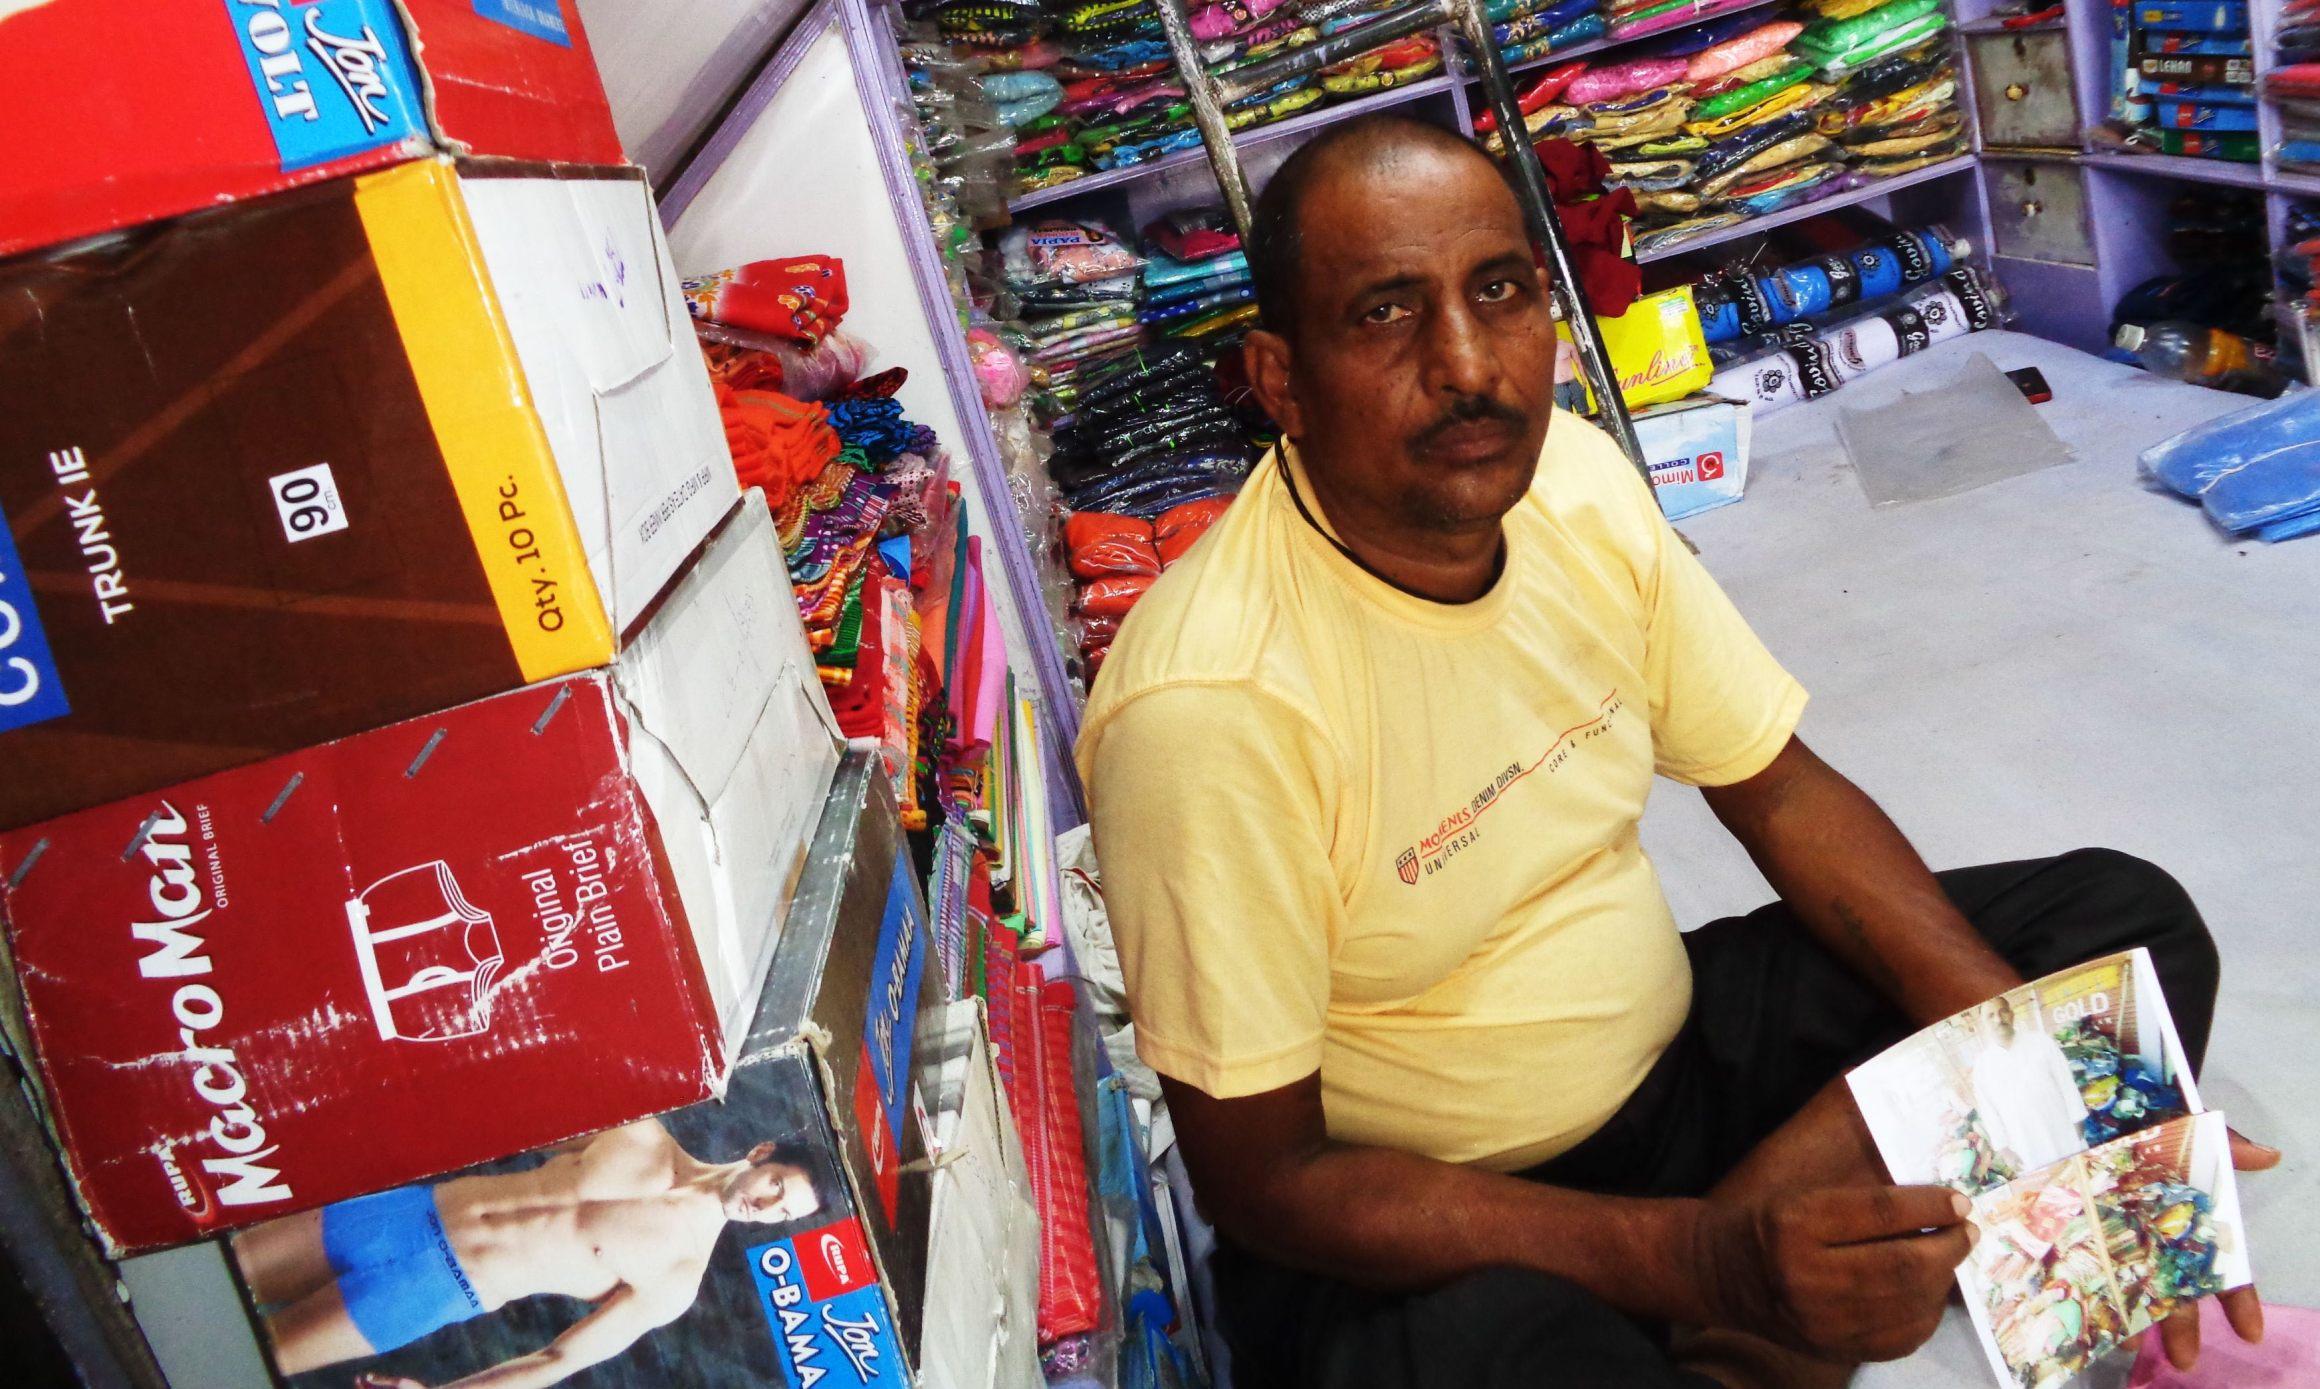 اودھیش پرساد کی کپڑے کی دوکان ہے۔وہاں کپڑے کی کئی دوکانیں ہیں، لیکن ان کی دوکان کو ہی نشانہ بنایا گیا۔آگ زنی میں ان کو تقریباً8لاکھ روپے کا نقصان ہوا۔(فوٹو : امیش کمار رائے / دی وائر)